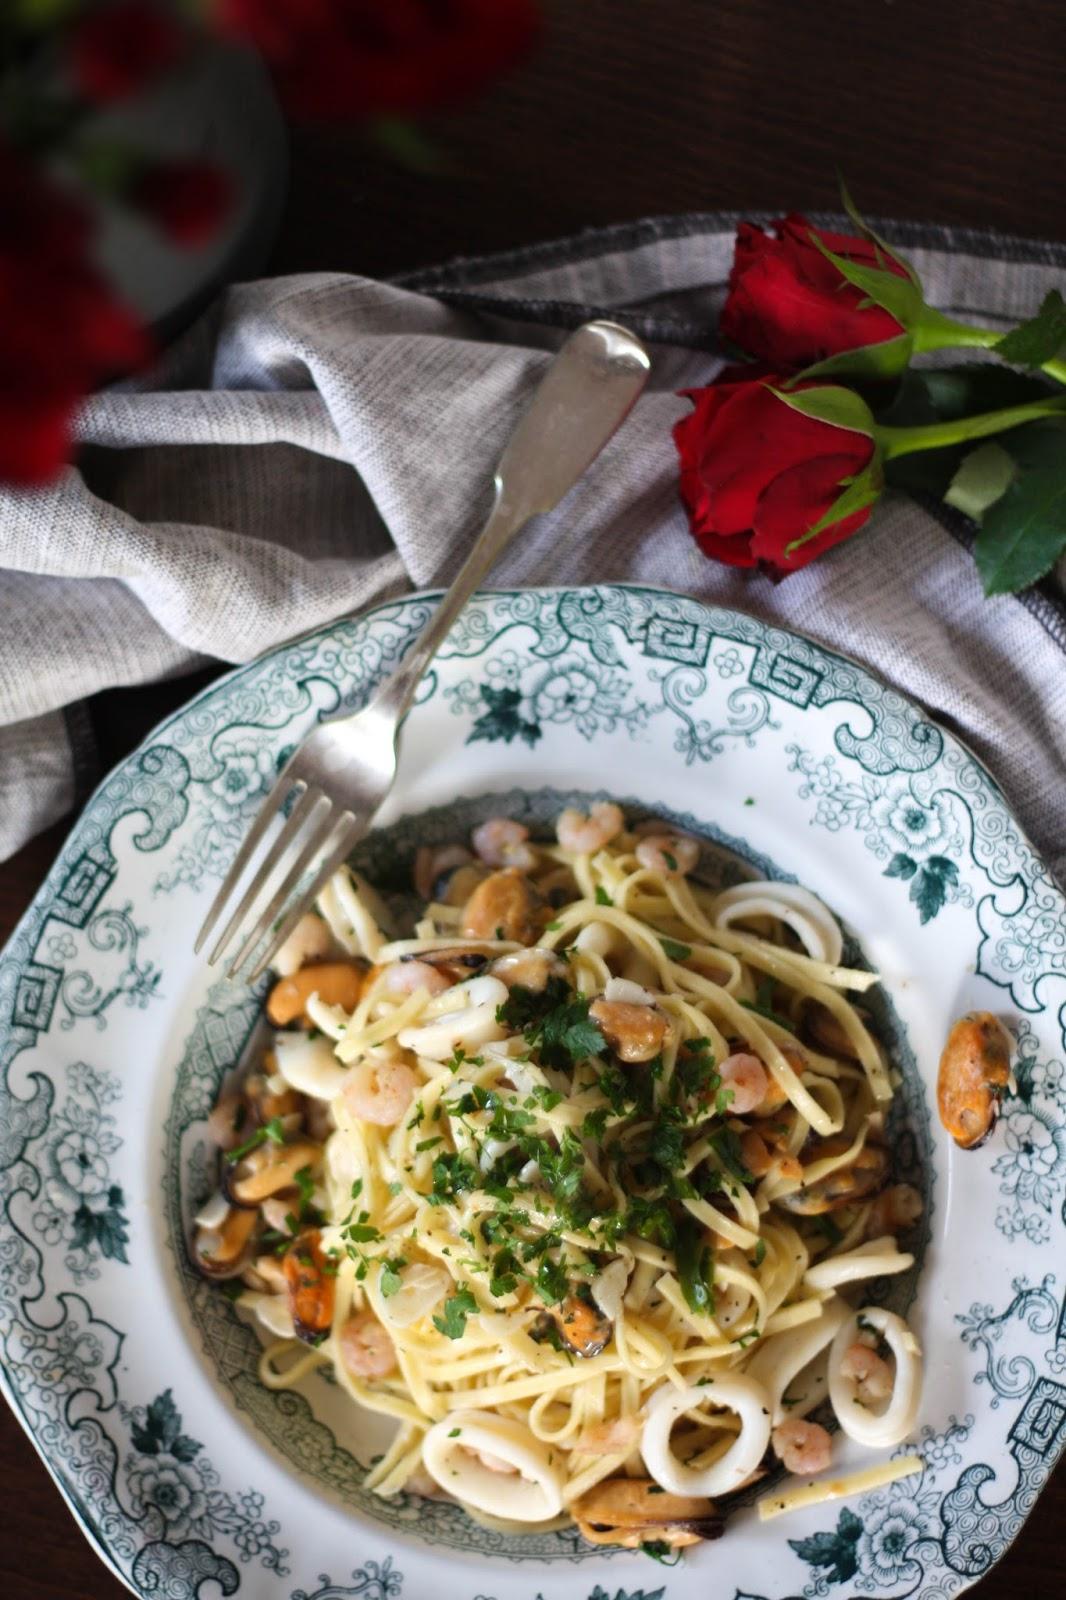 Delicious seafood tagliatelle